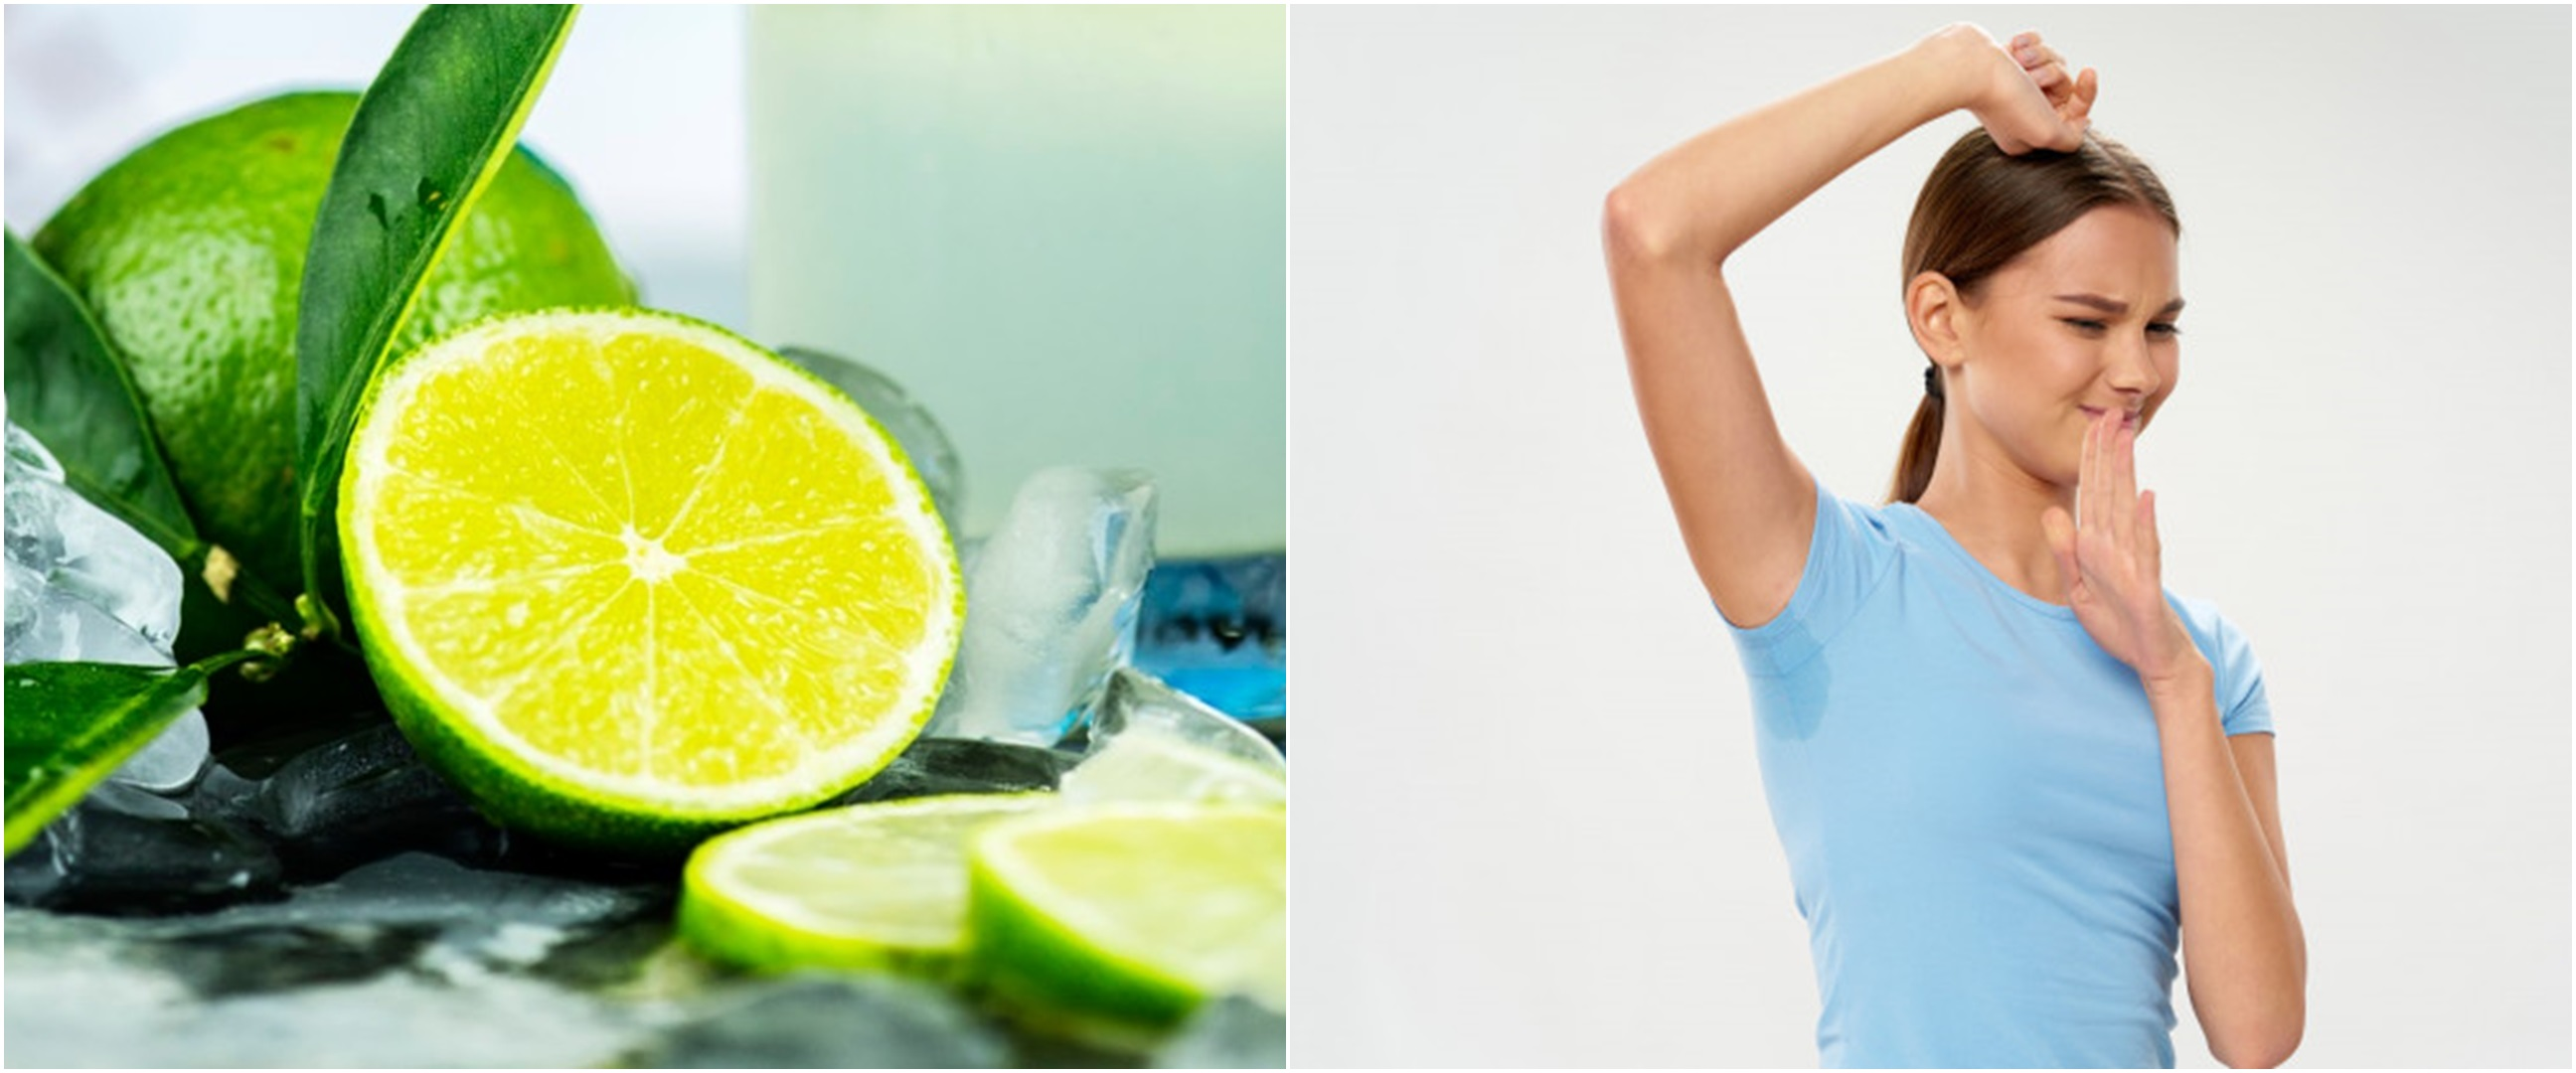 11 Manfaat jeruk nipis untuk tubuh, bisa hilangkan panu dan bau badan